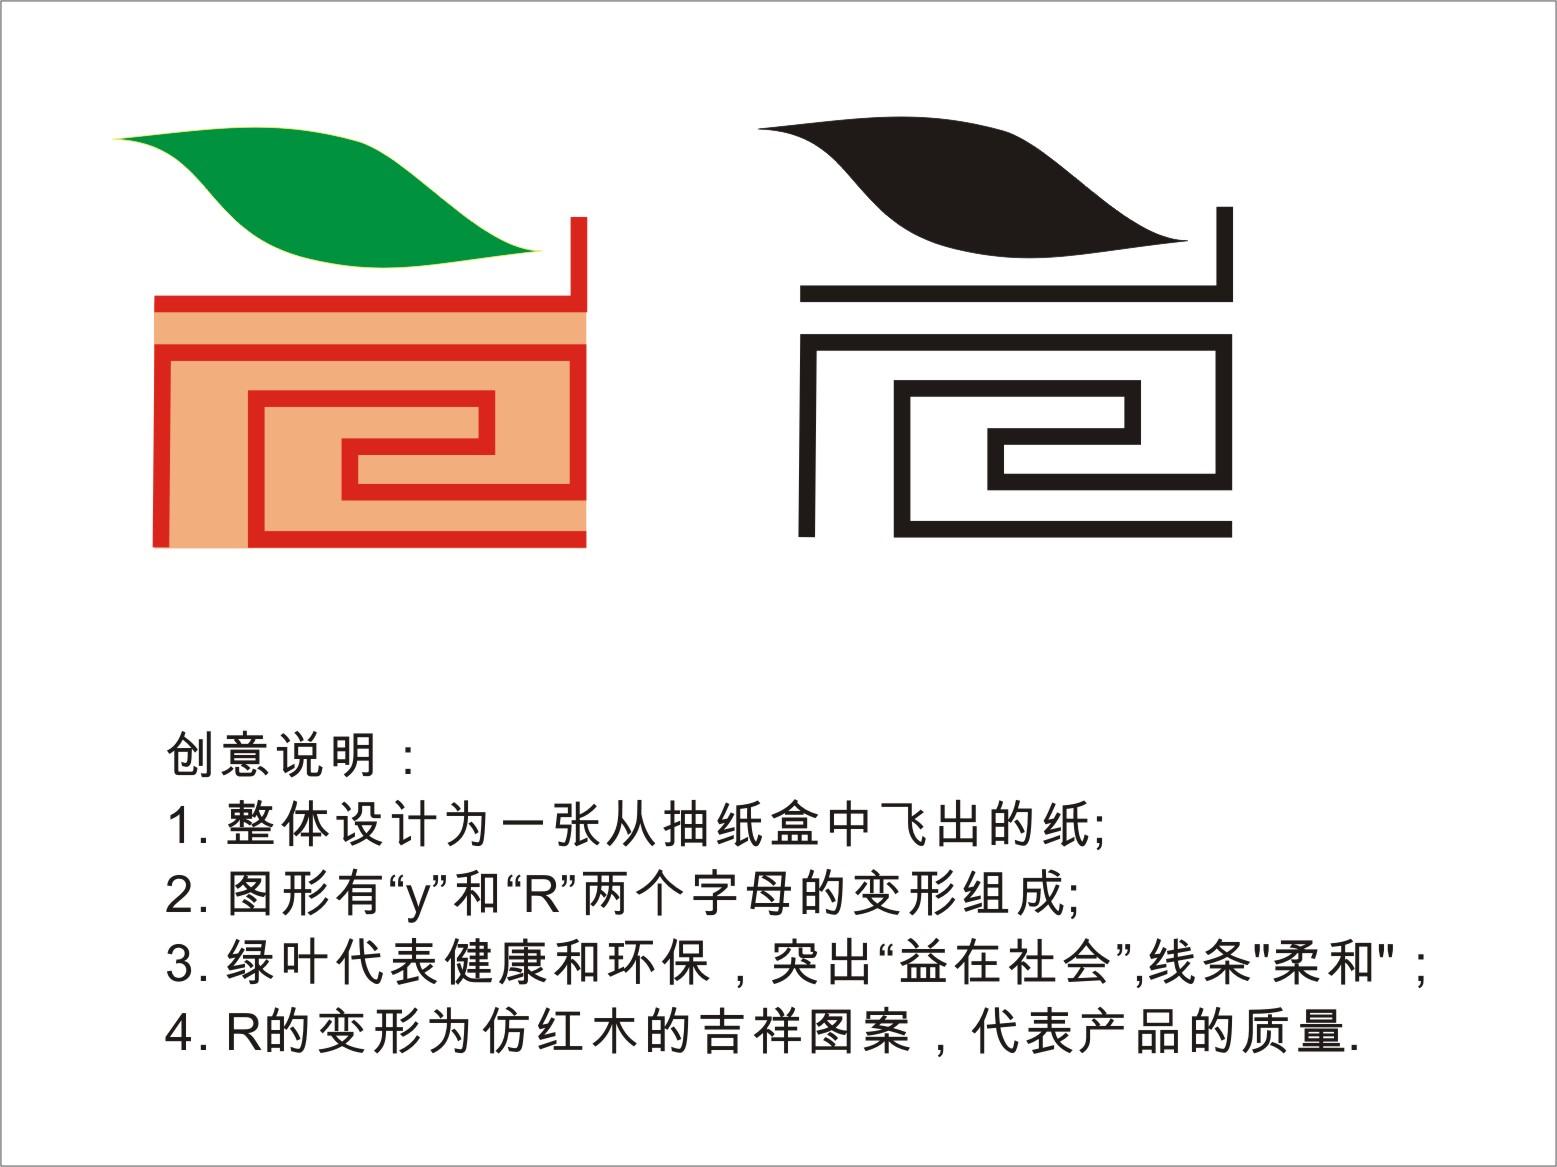 餐巾纸袋装抽纸logo及包装设计(急)